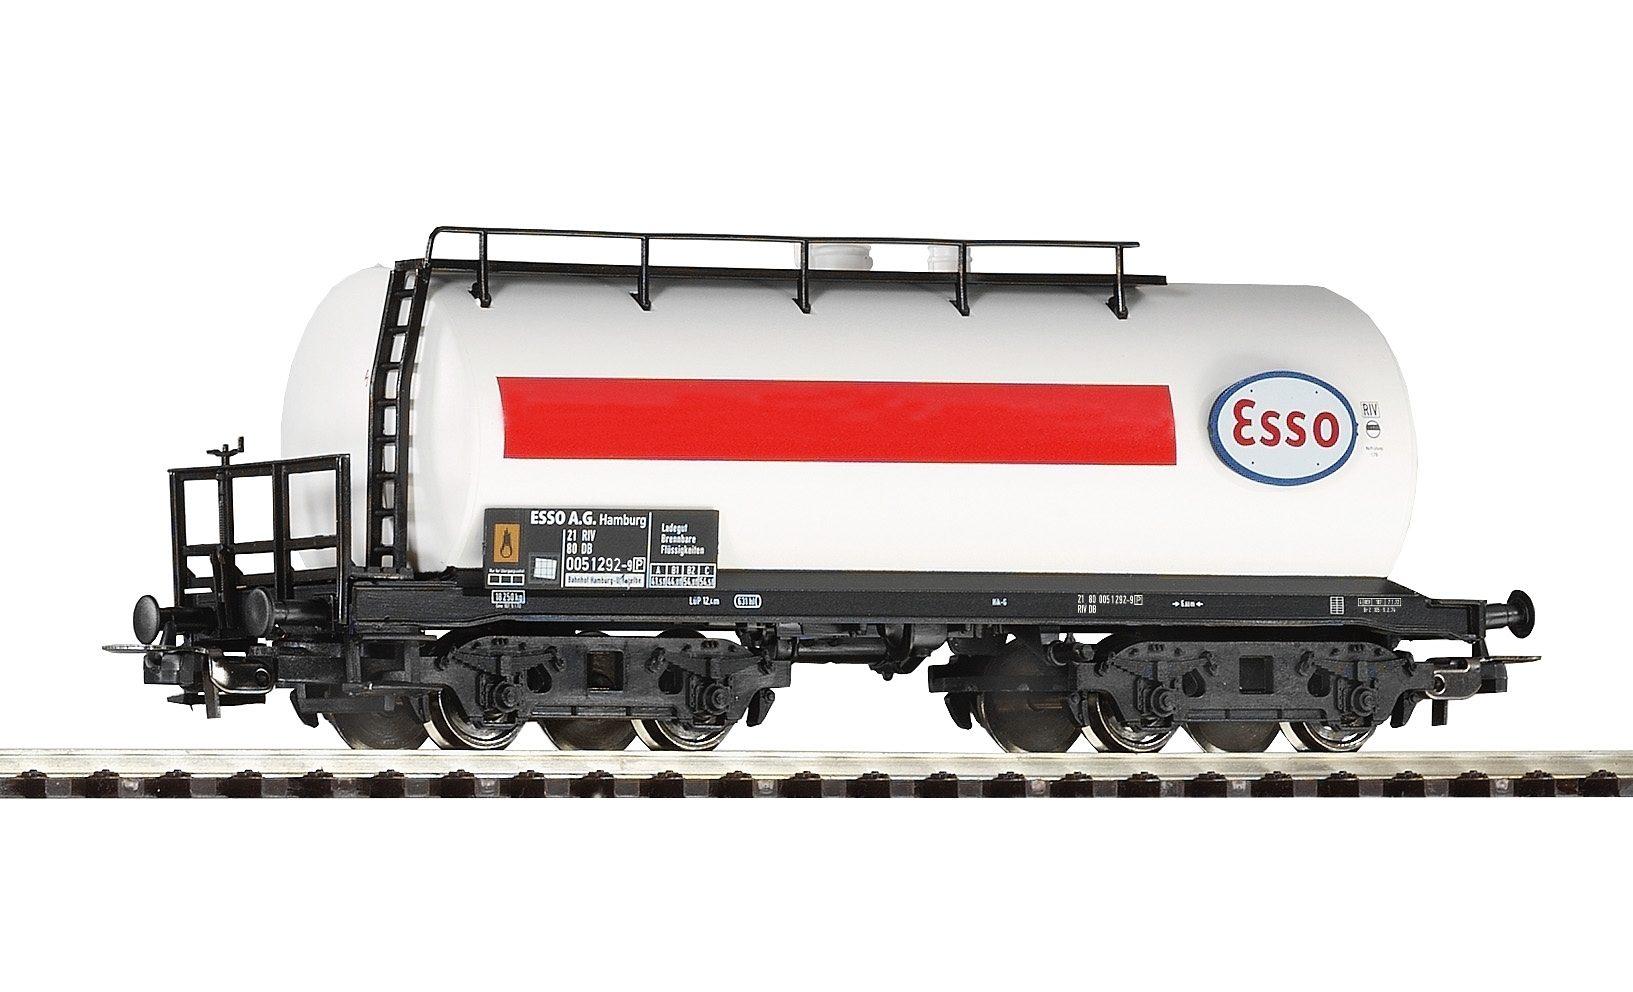 PIKO Güterwagen, »Kesselwagen Esso, DB - Gleichstrom« Spur H0